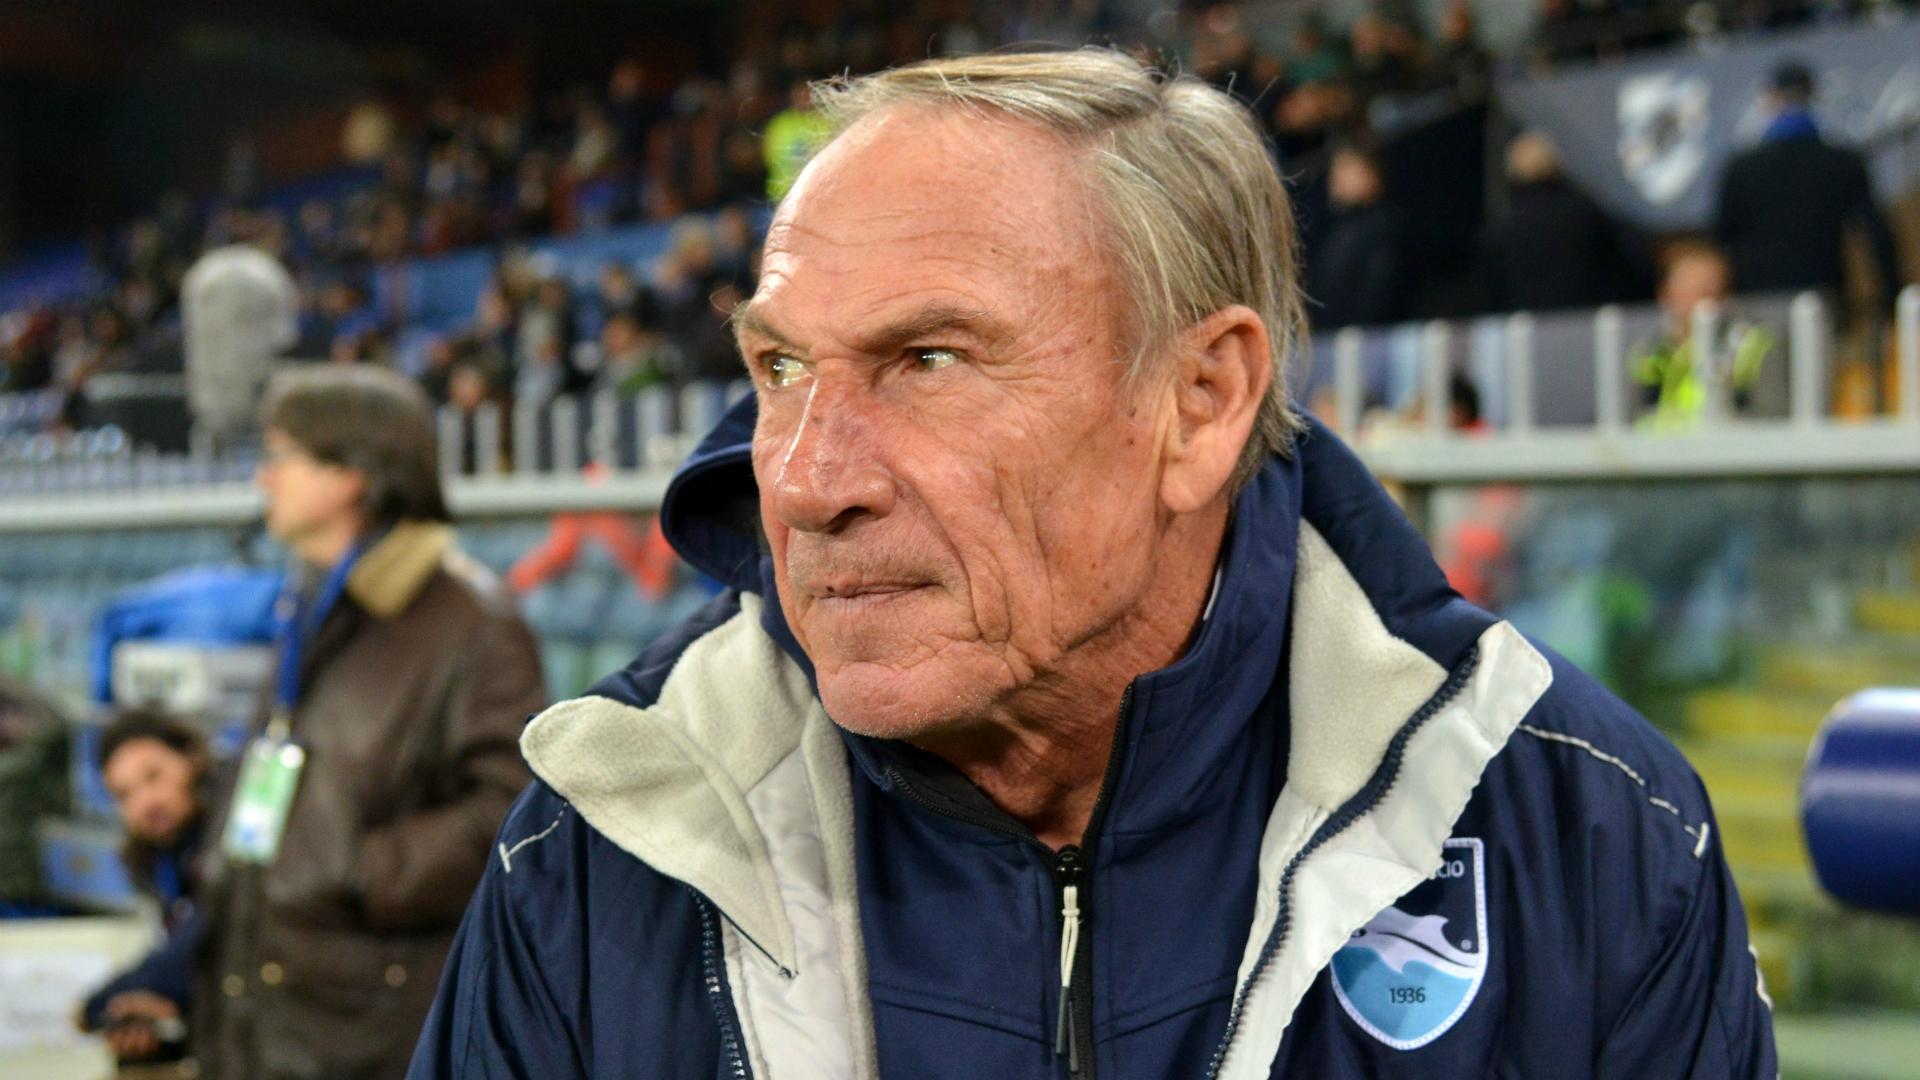 Panchina Pescara, Zeman rischia nonostante il successo: la situazione